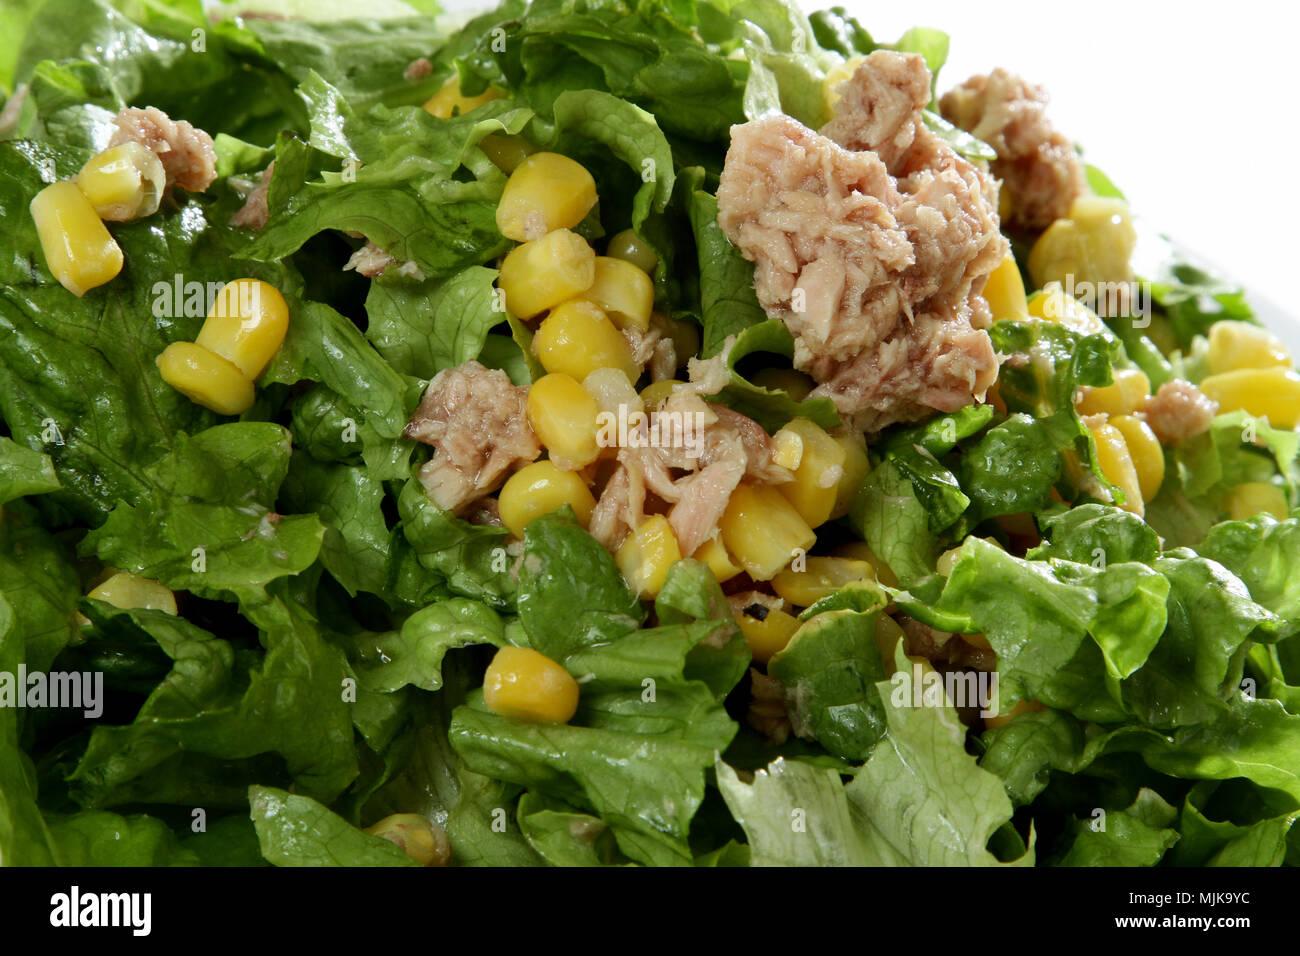 Tuna salad - Stock Image